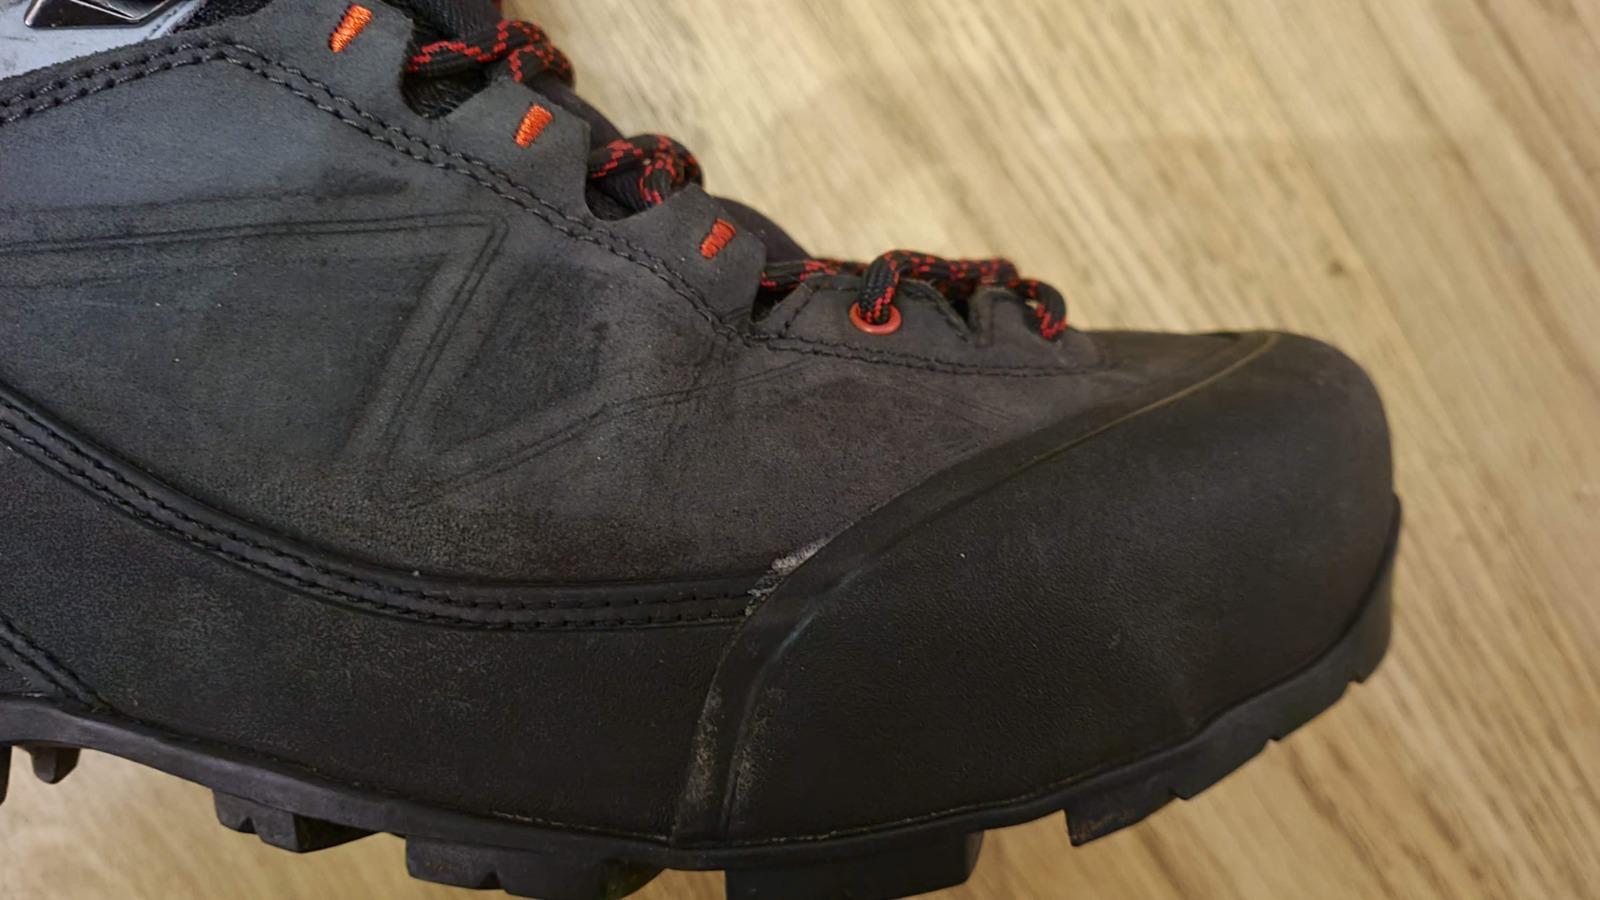 Salomon X-Alp Mountaineering boots